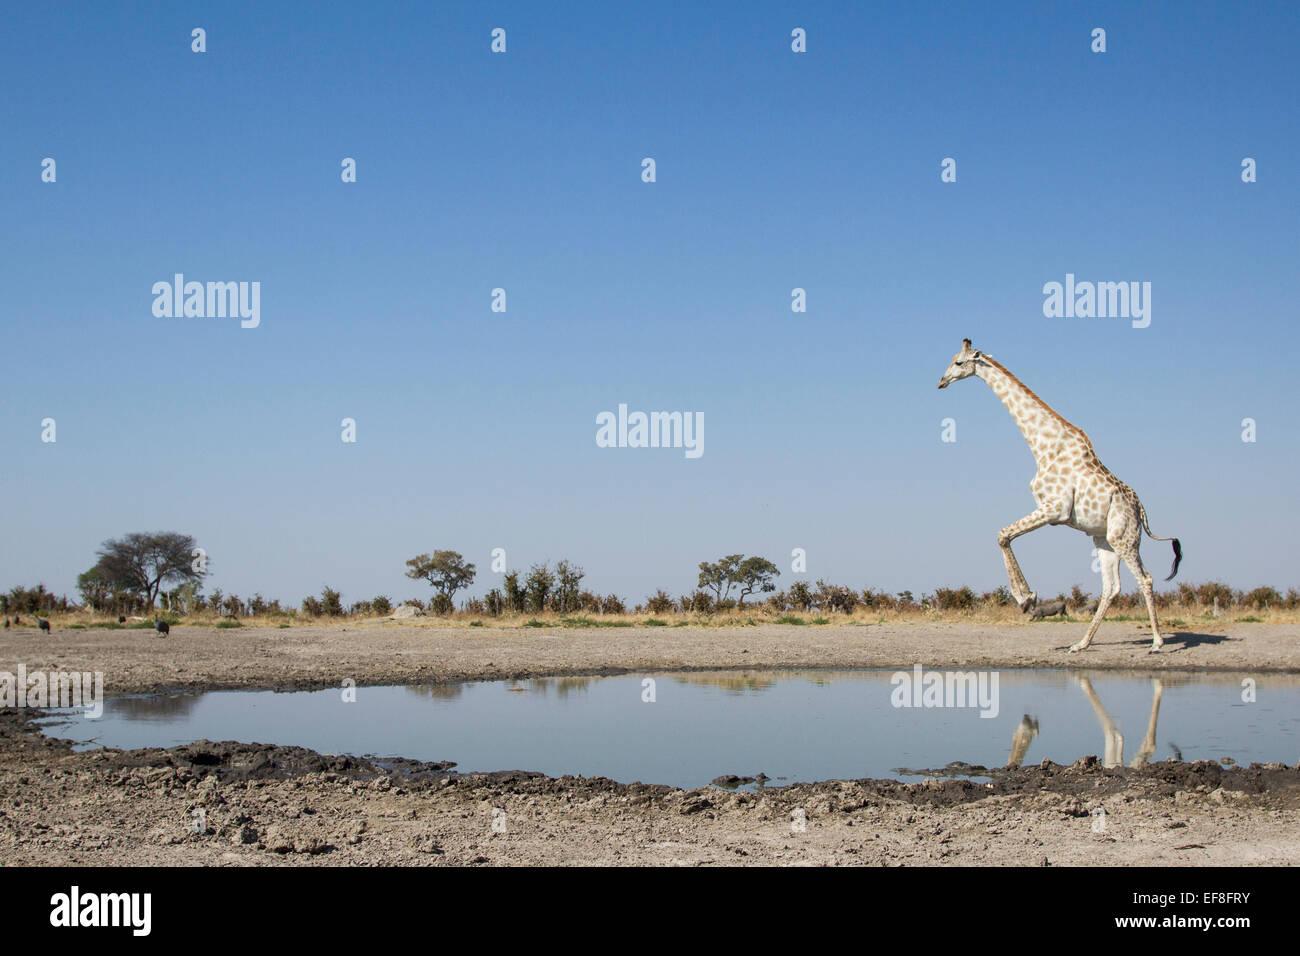 África, Botswana, el Parque Nacional Chobe, jirafa (Giraffa camelopardalis) salta lejos del borde del orificio Imagen De Stock